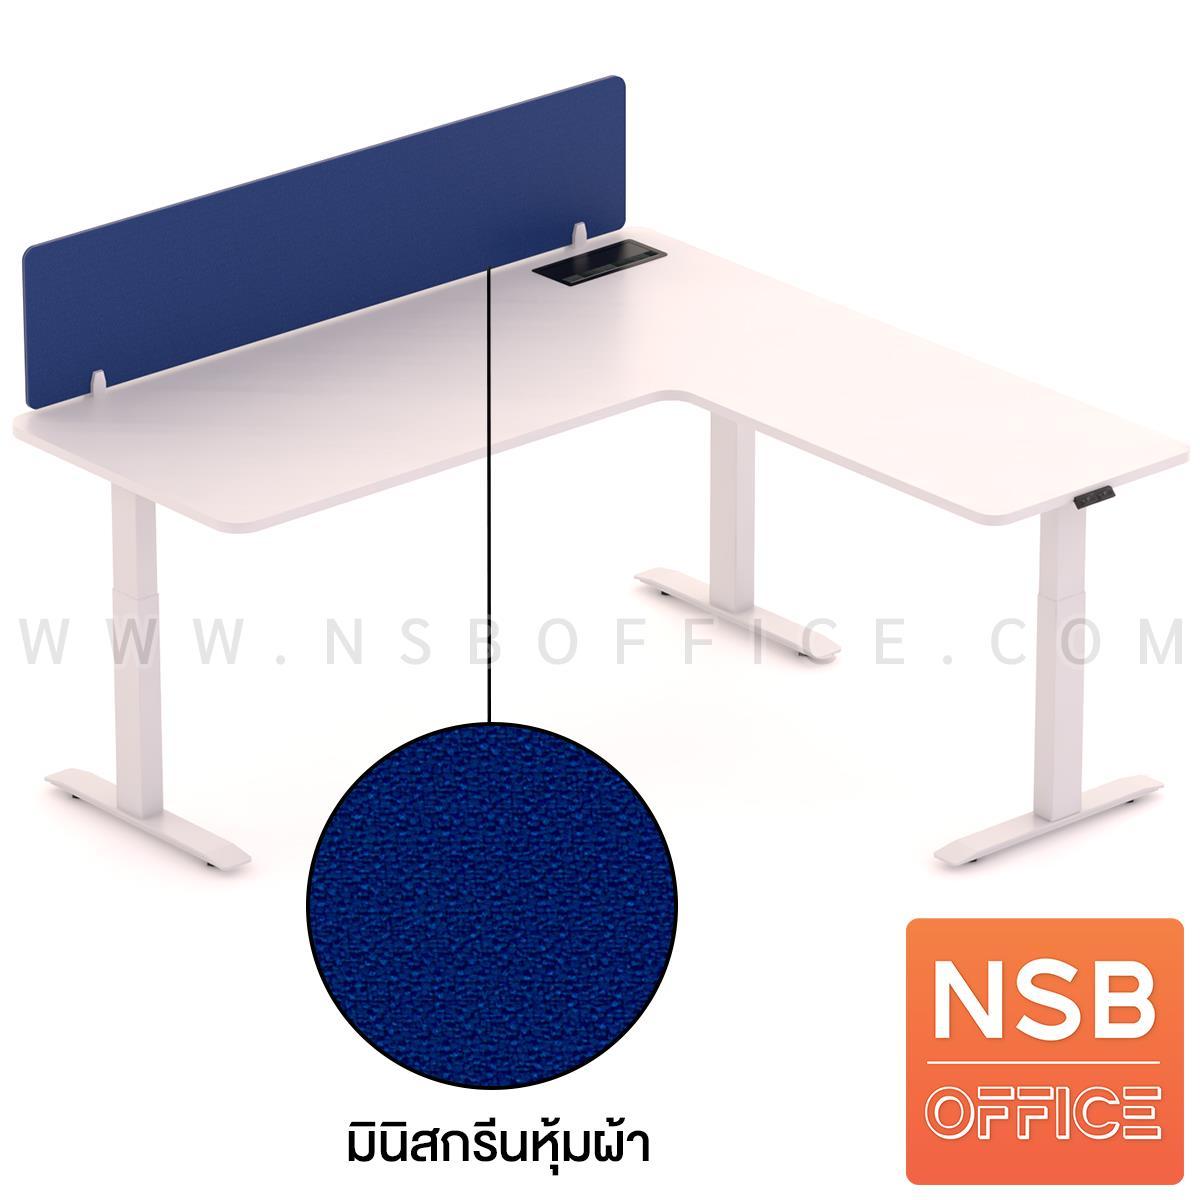 A16A085:โต๊ะทำงาน Sit 2 Stand ทรงตัวแอล รุ่น Carmine (คาร์ไมน์) ขนาด 160W, 180W cm. มินิสกรีนผ้า พร้อมป็อปอัพรุ่น A24A057